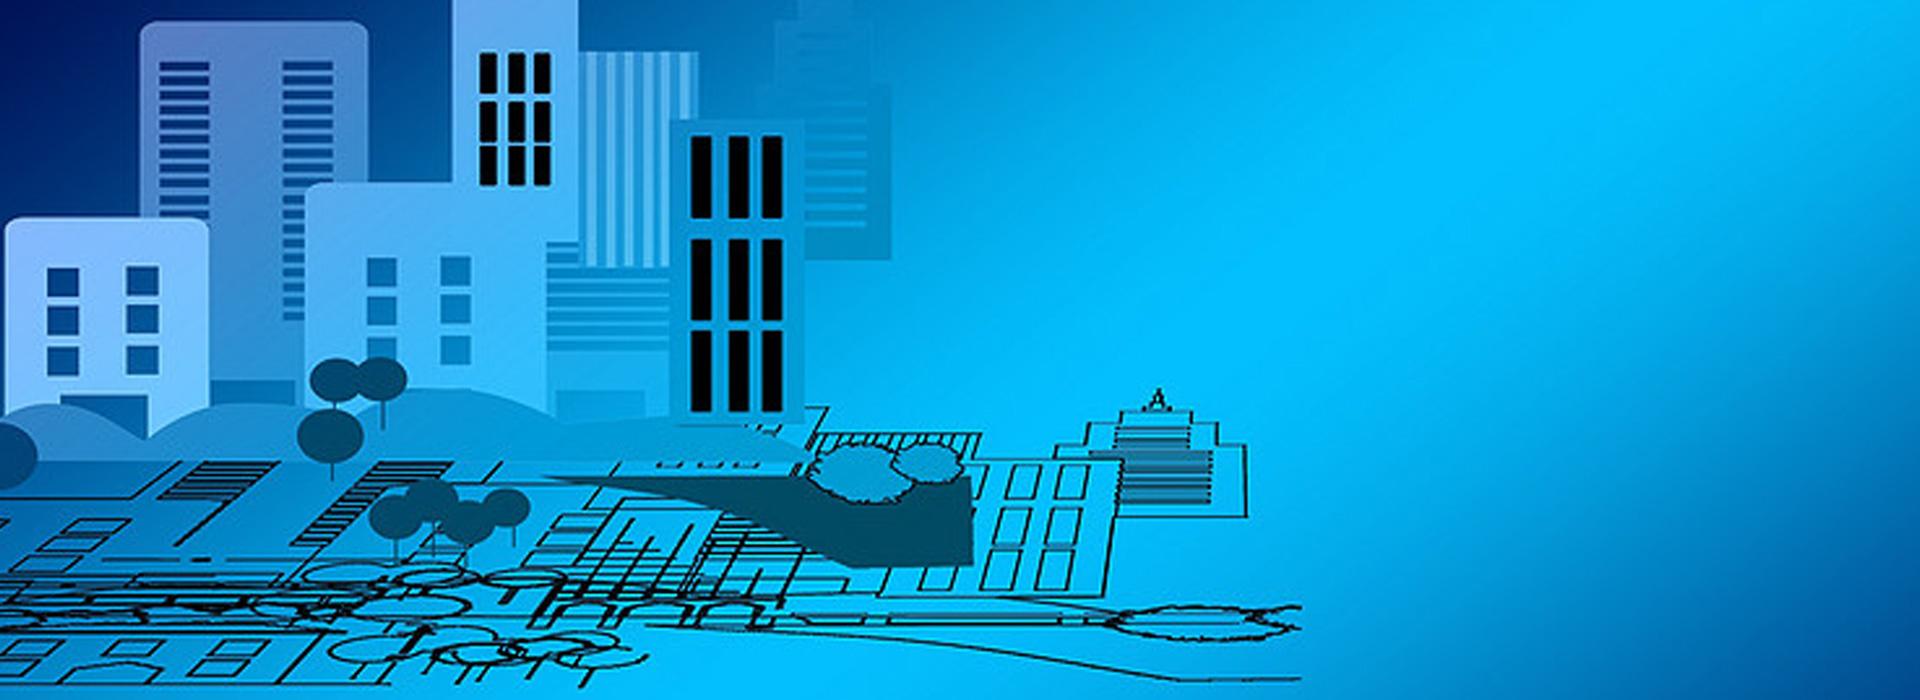 l image de dessin d architecture de fond bleu banni u00e8re en